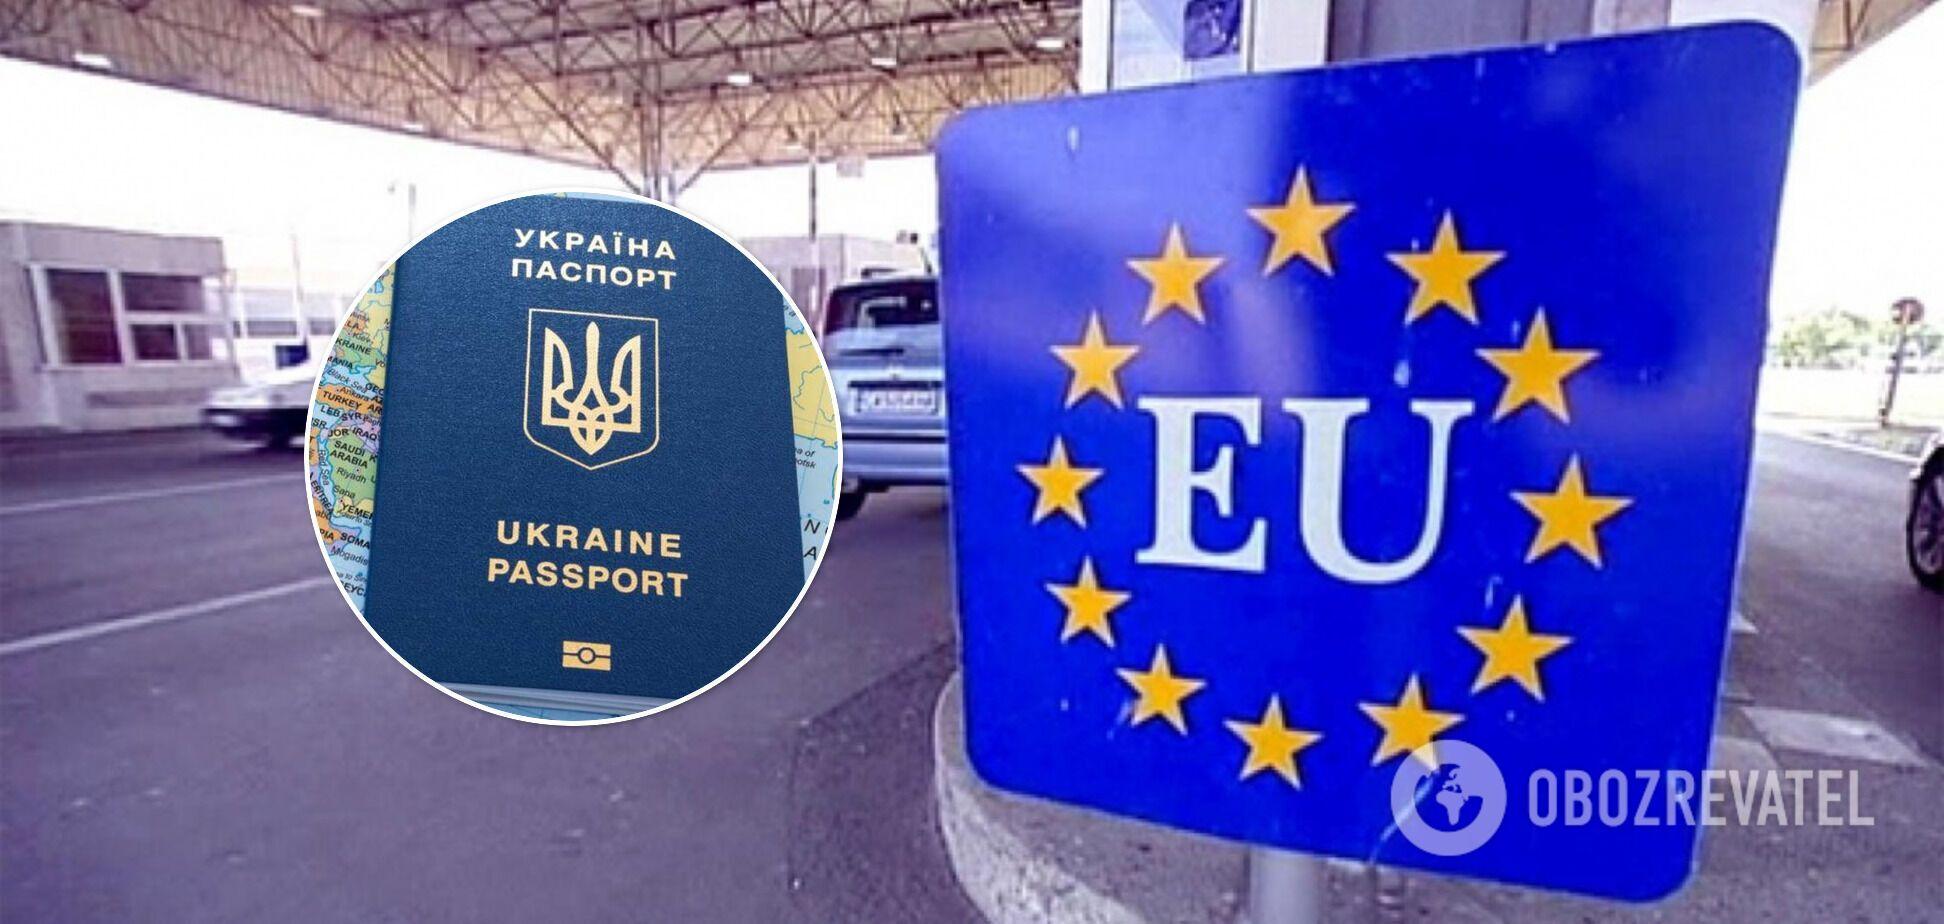 ЕС выдвинул Украине неприемлемую 'рекомендацию' для сохранения безвиза – СМИ